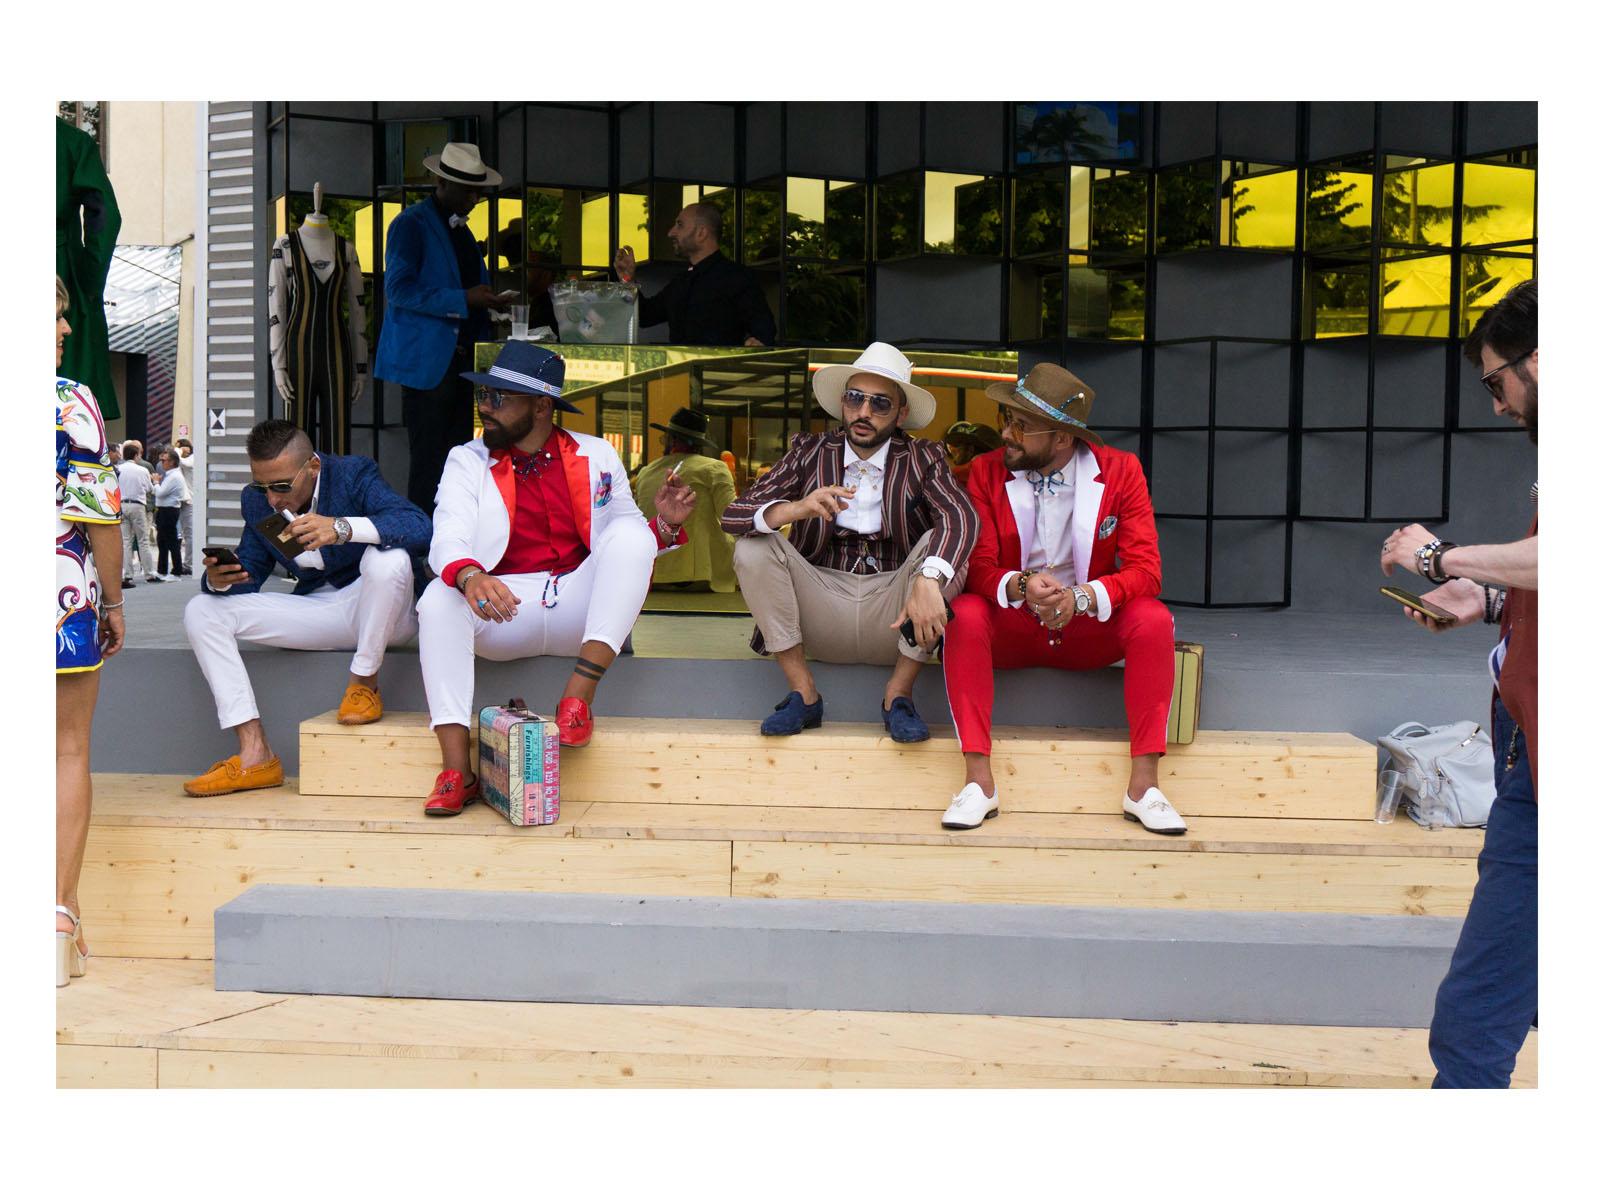 fashionable men at pitti uomo